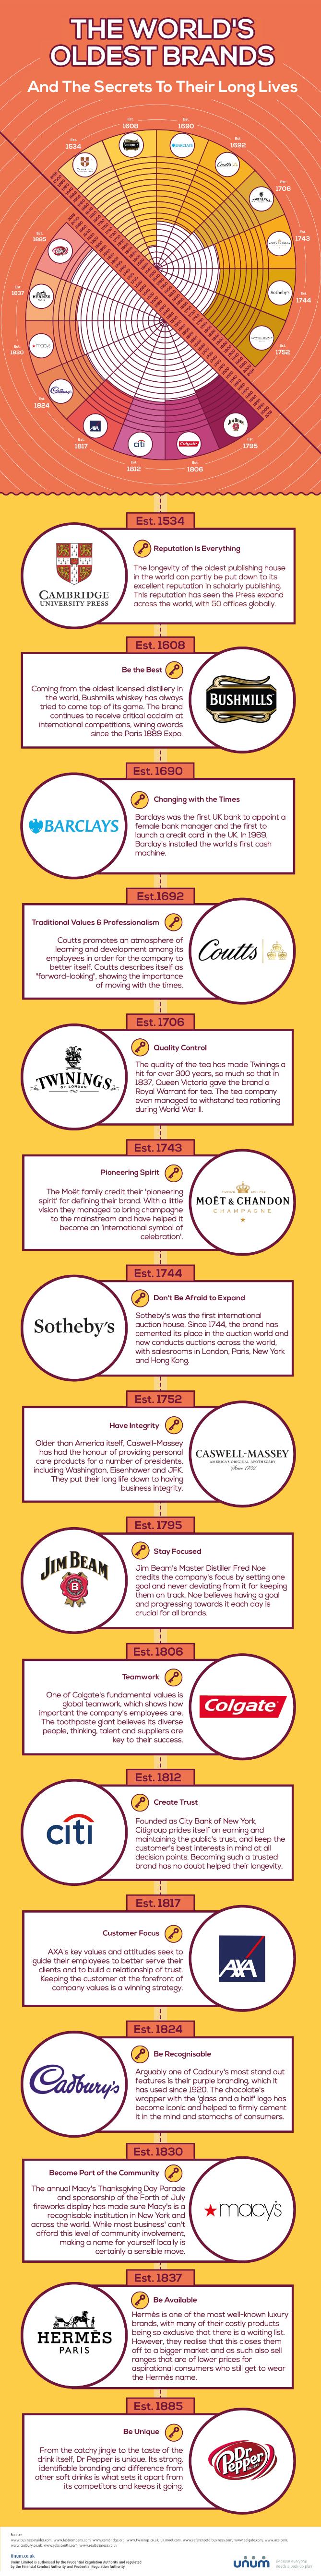 The-Worlds-Oldest-Brands-v.7.0-735953-edited